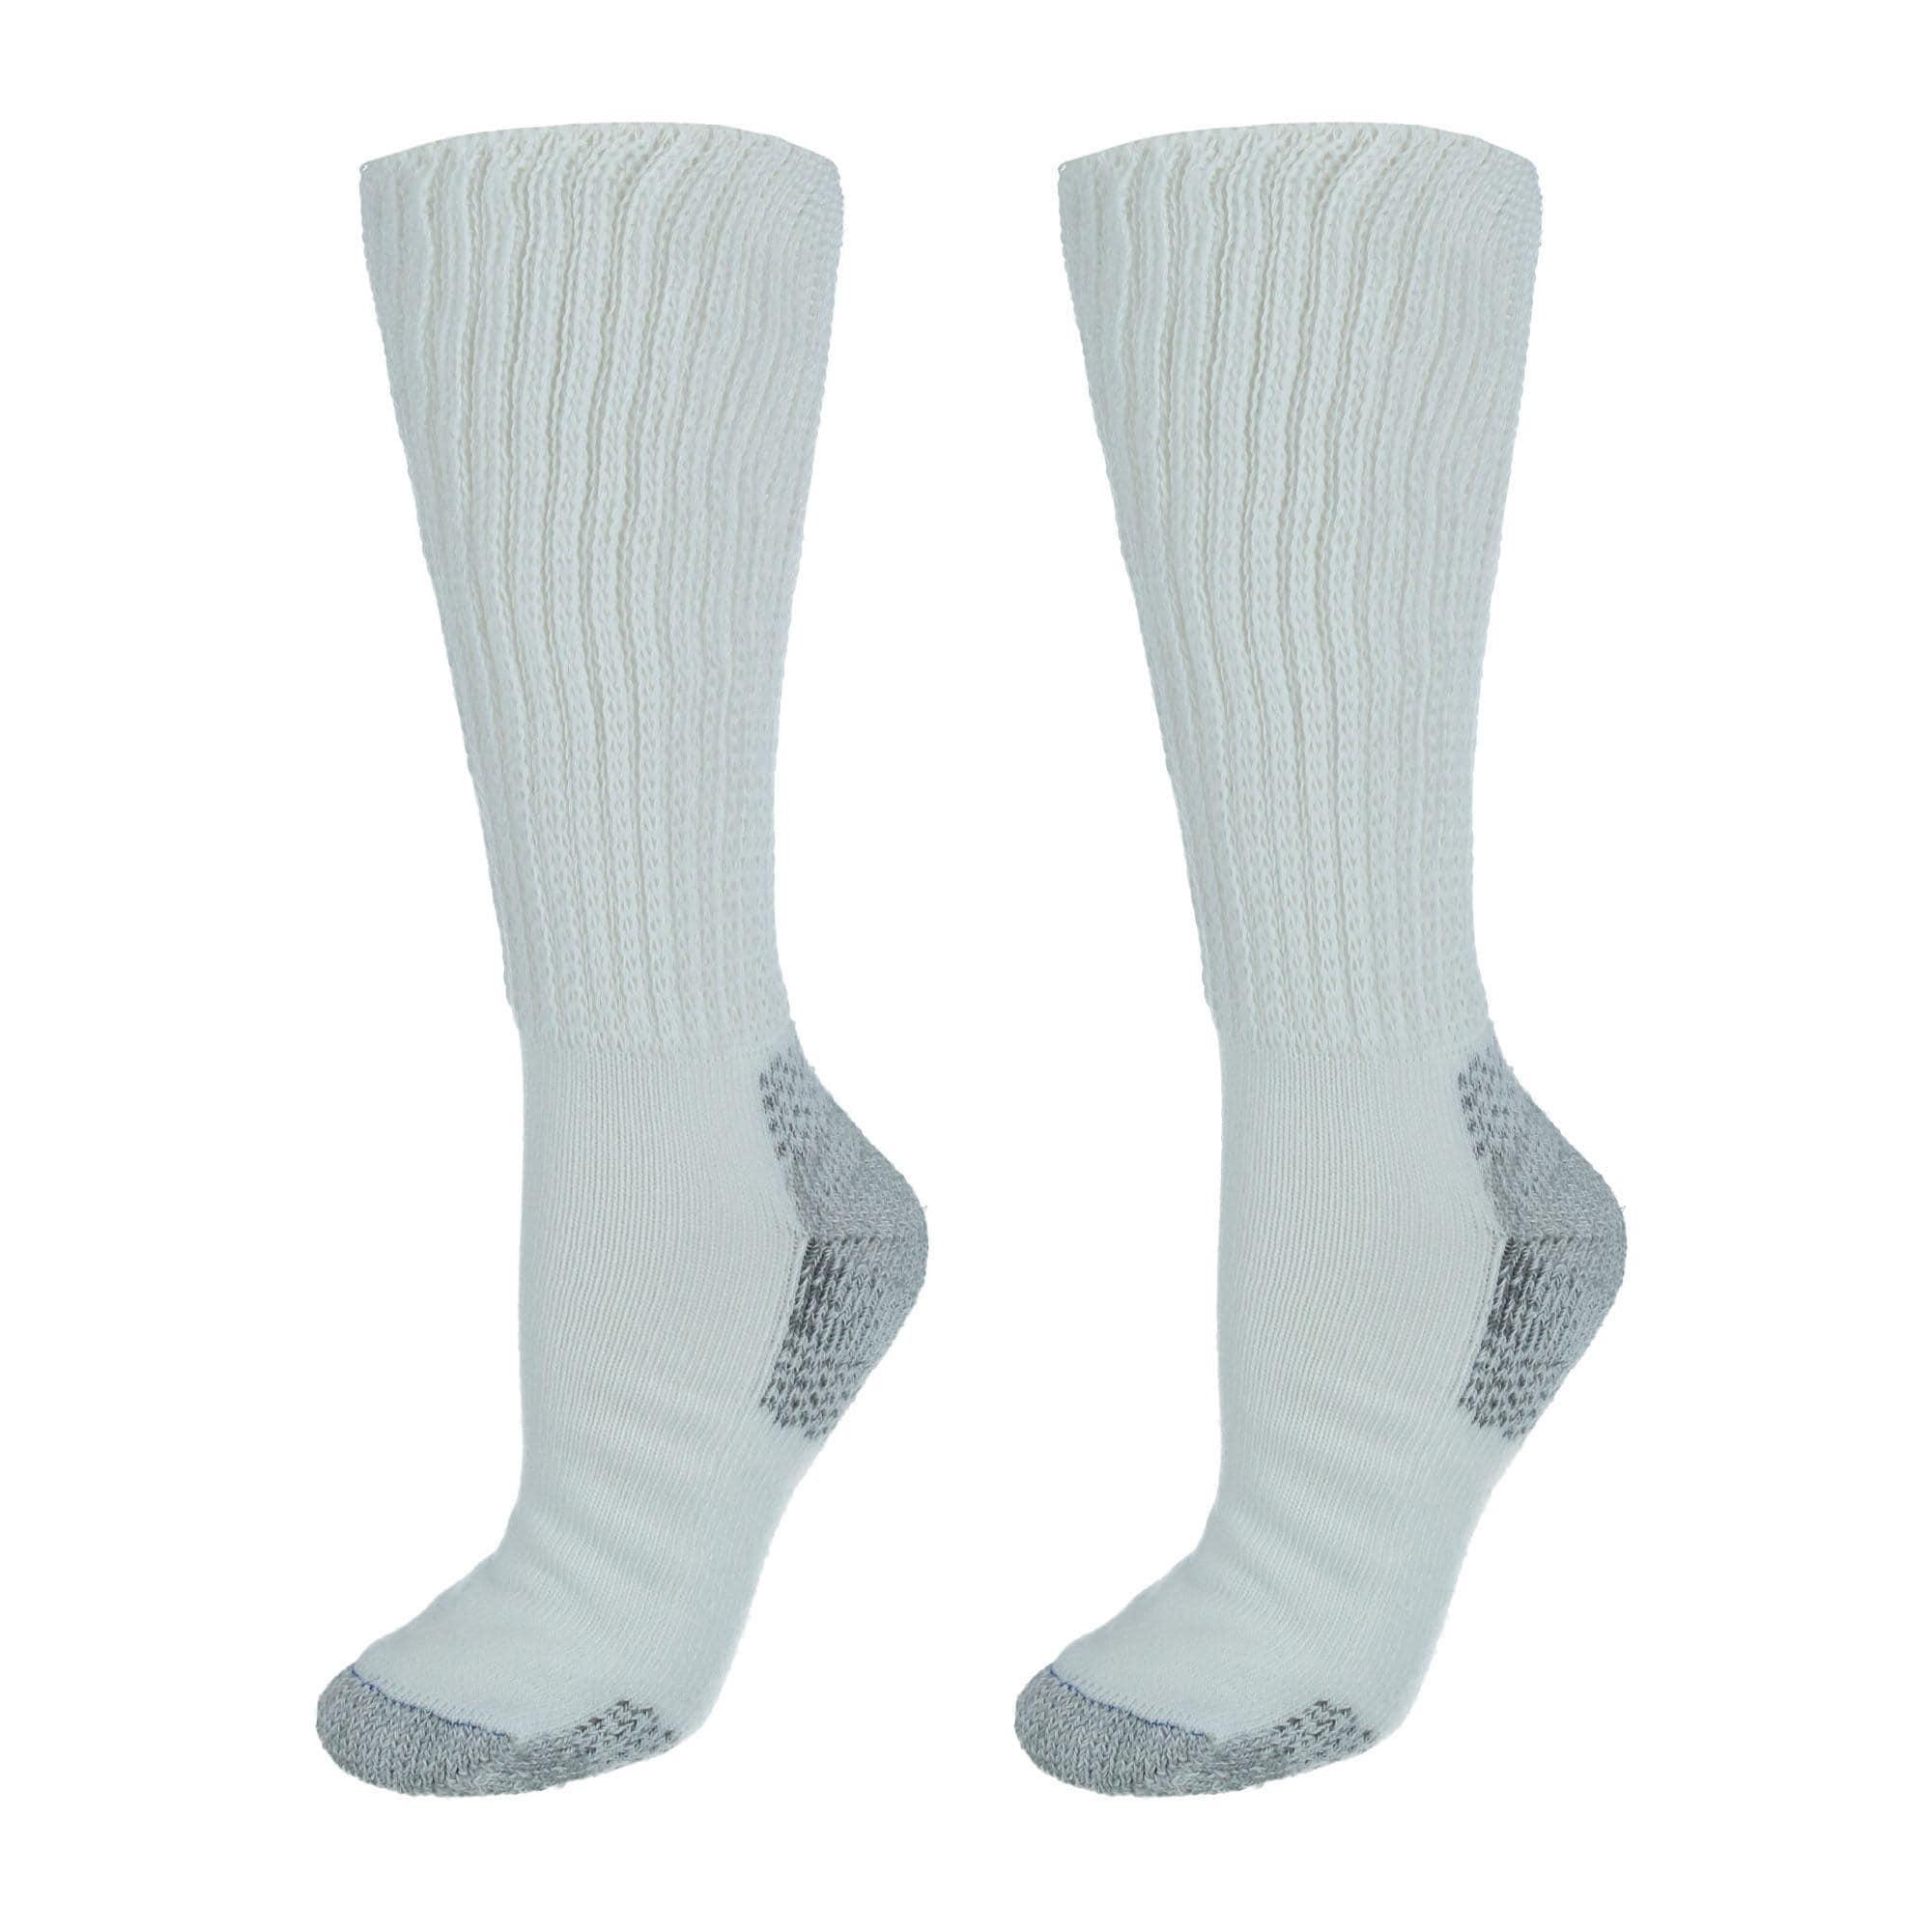 2 Pack New Dr Scholls Women/'s Blister Guard Diabetic Low Cut Socks